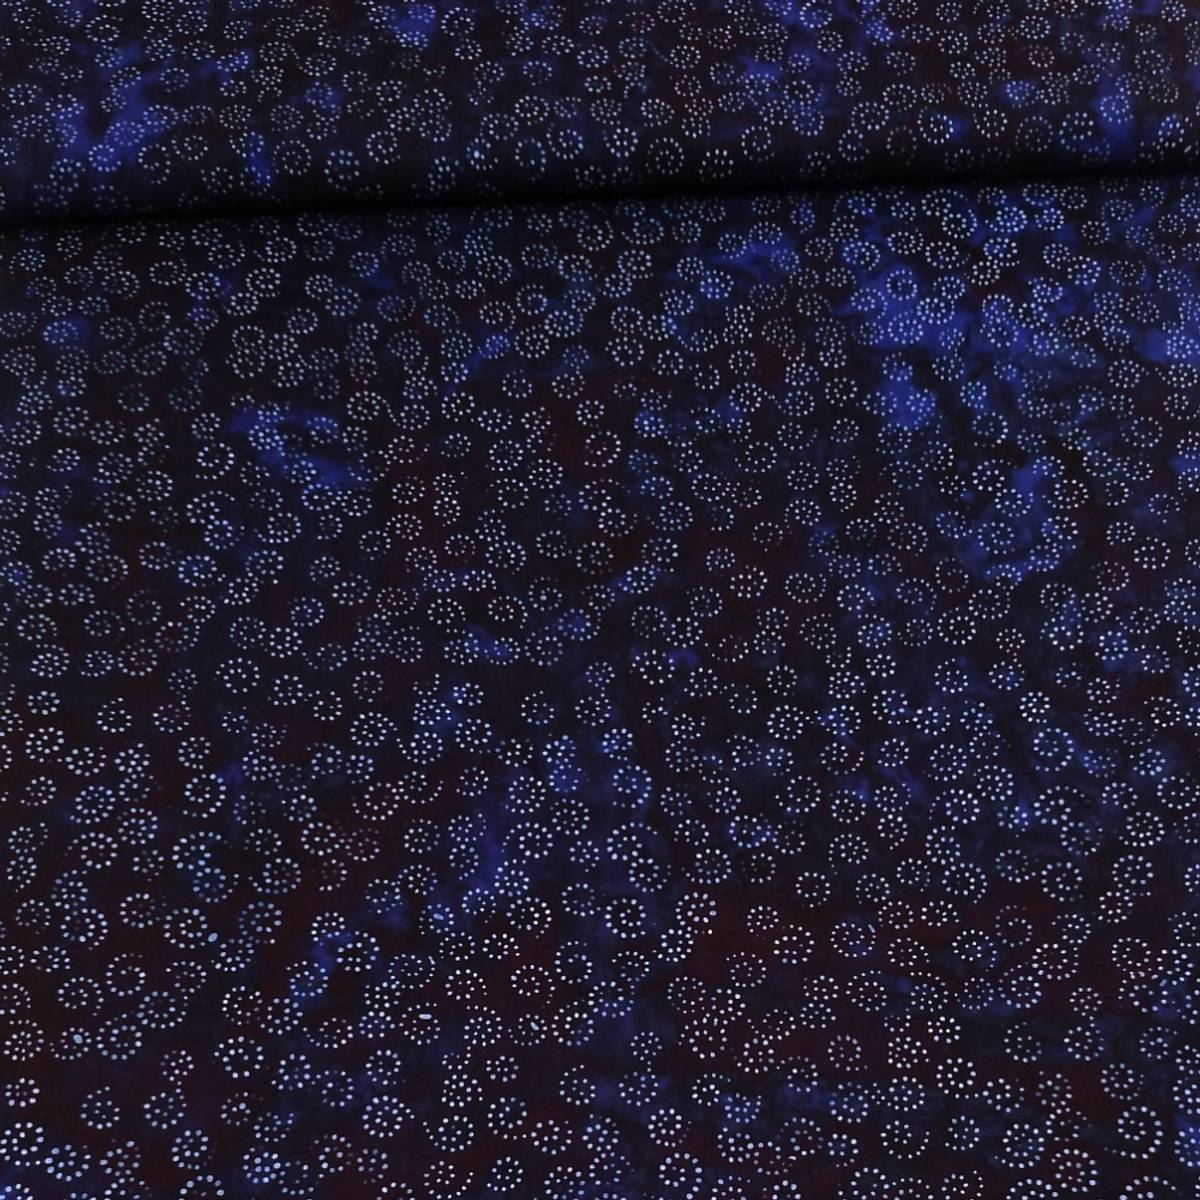 Batikk - 2 cm prikkete snirkler på marine